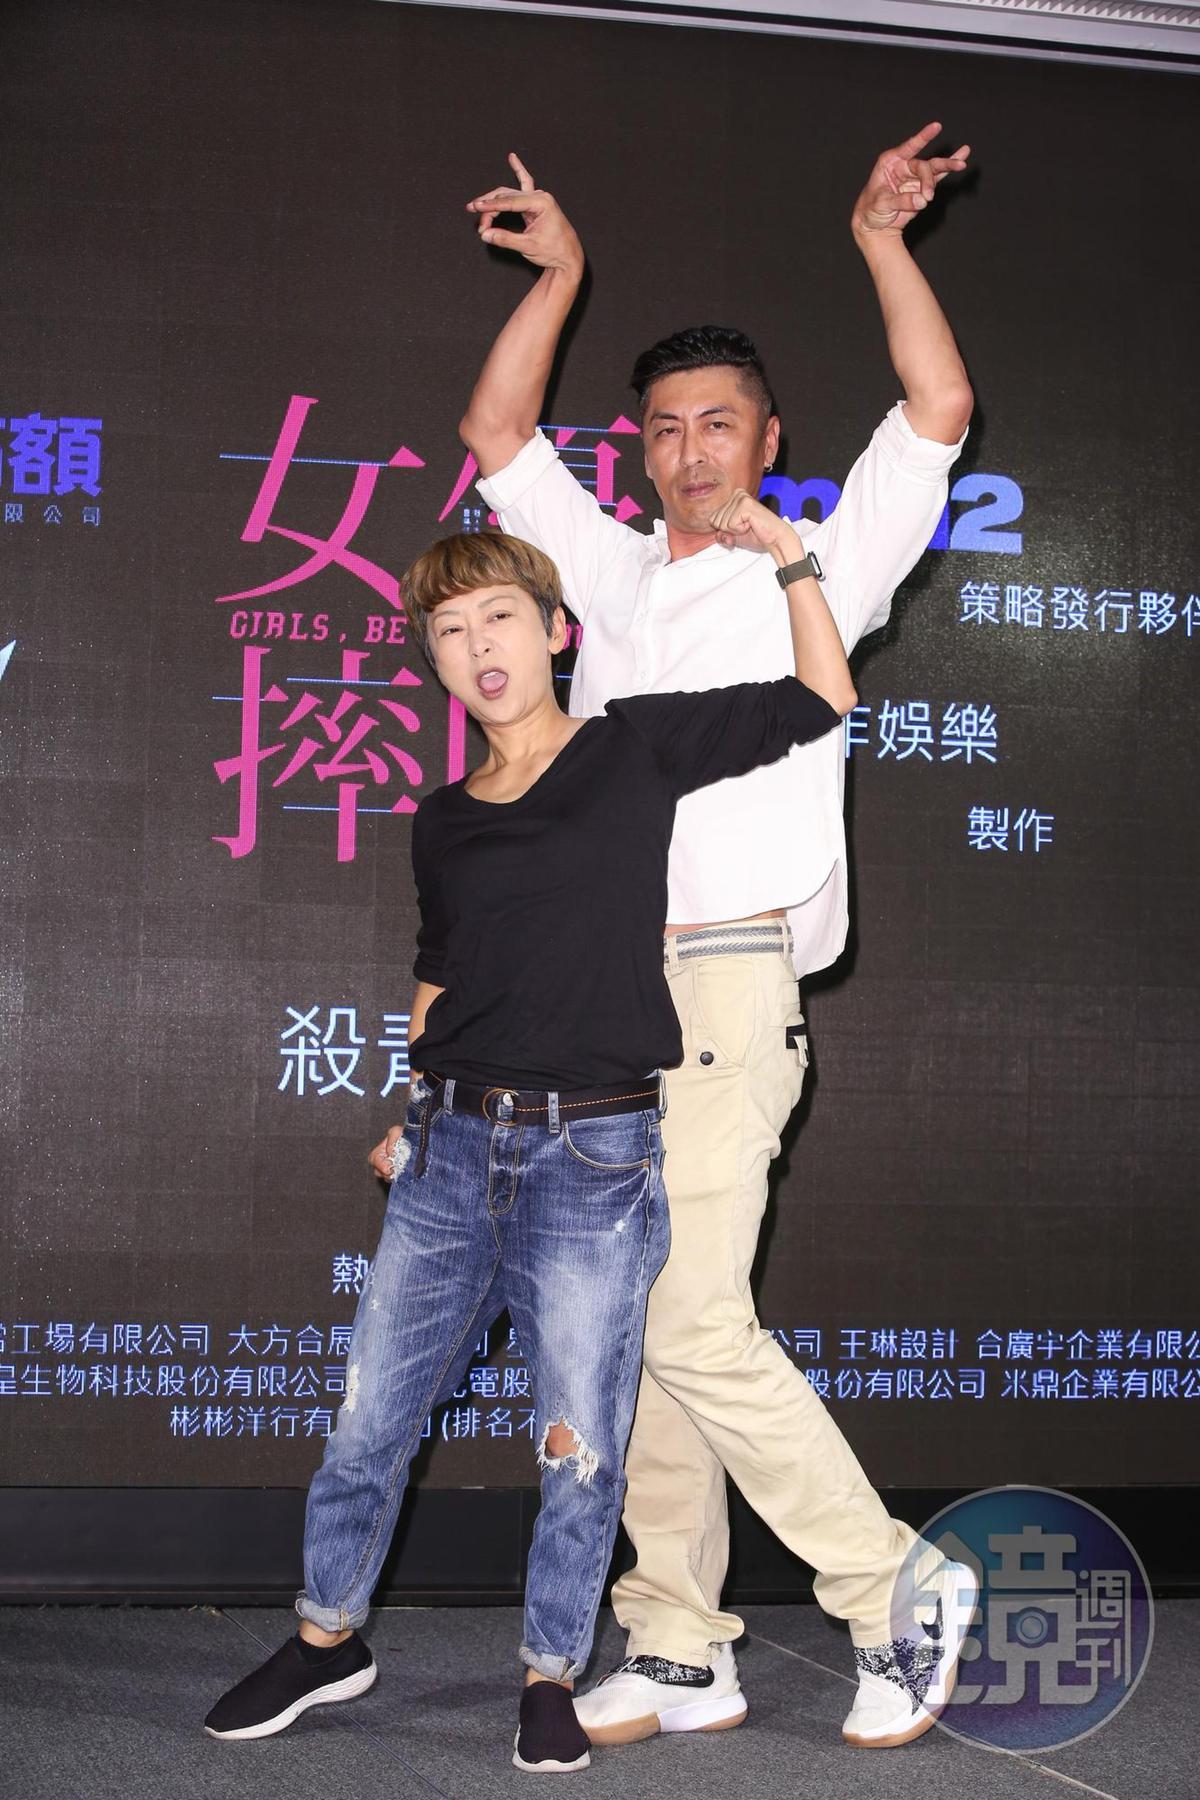 曹蘭(左)與那維勳飾演摔角運動前輩,瞬間變成「天龍地虎組」。